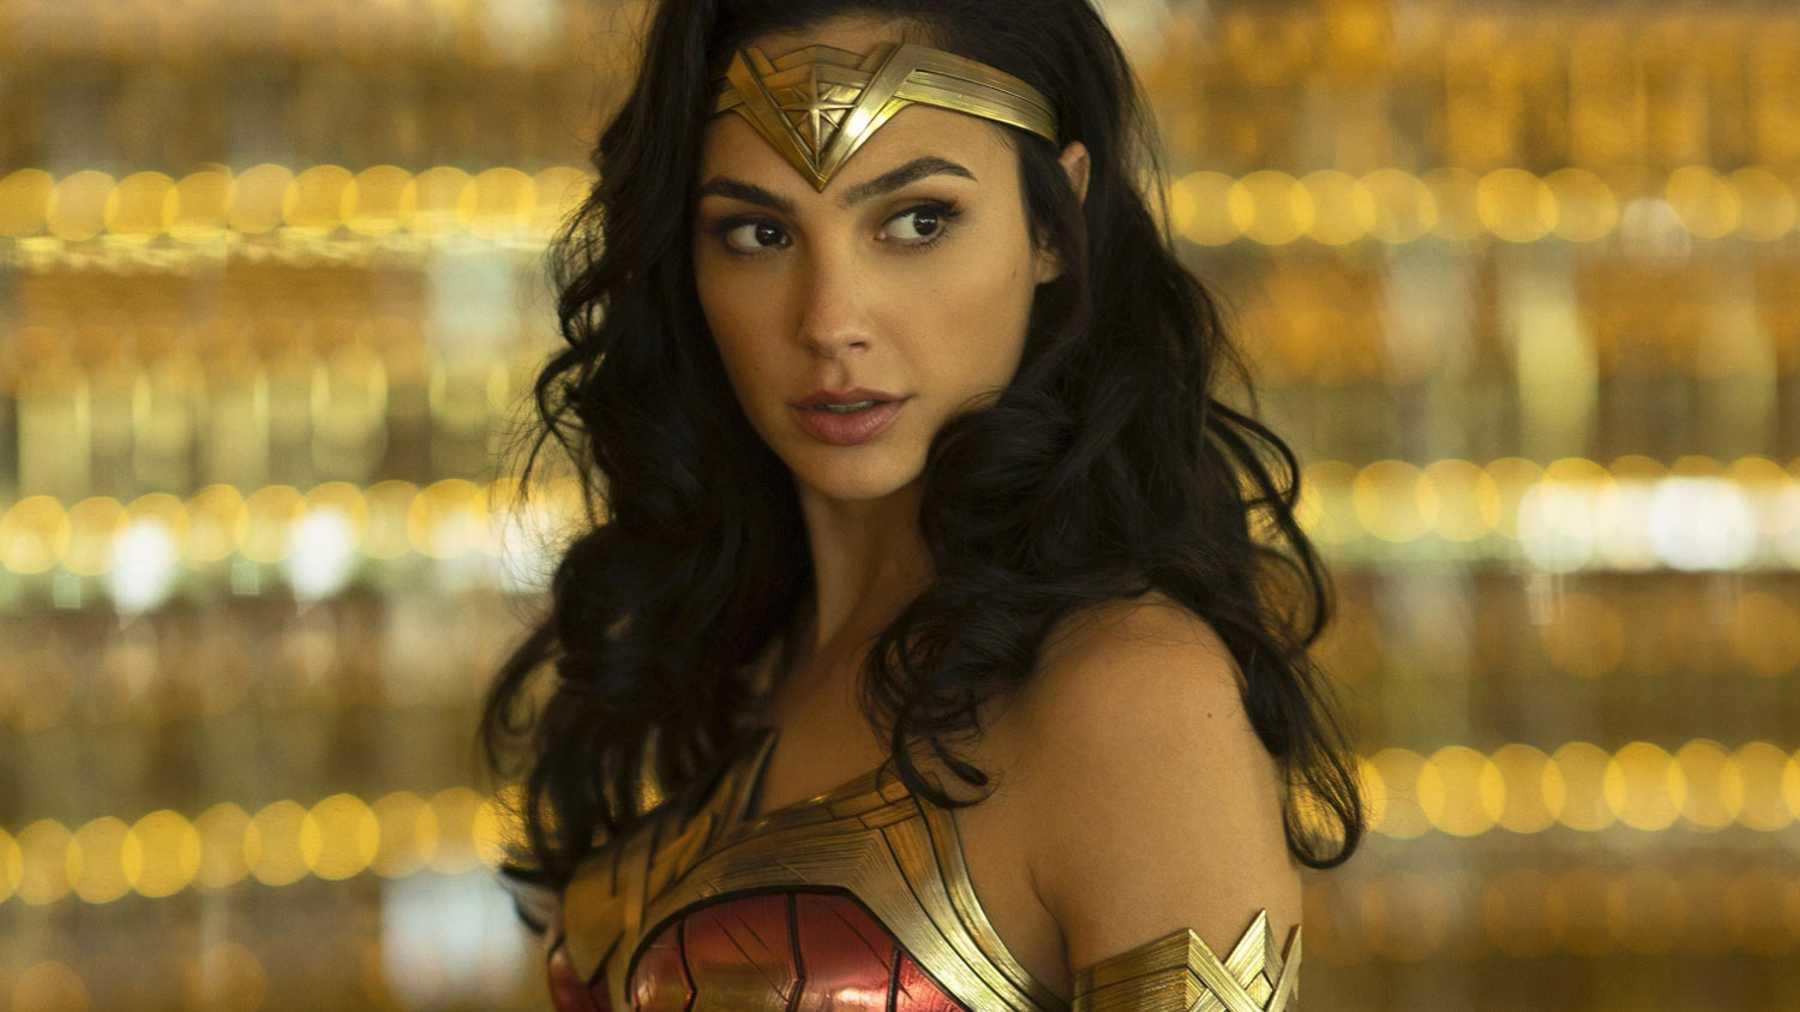 DC's Wonder Woman- Gal Gadot